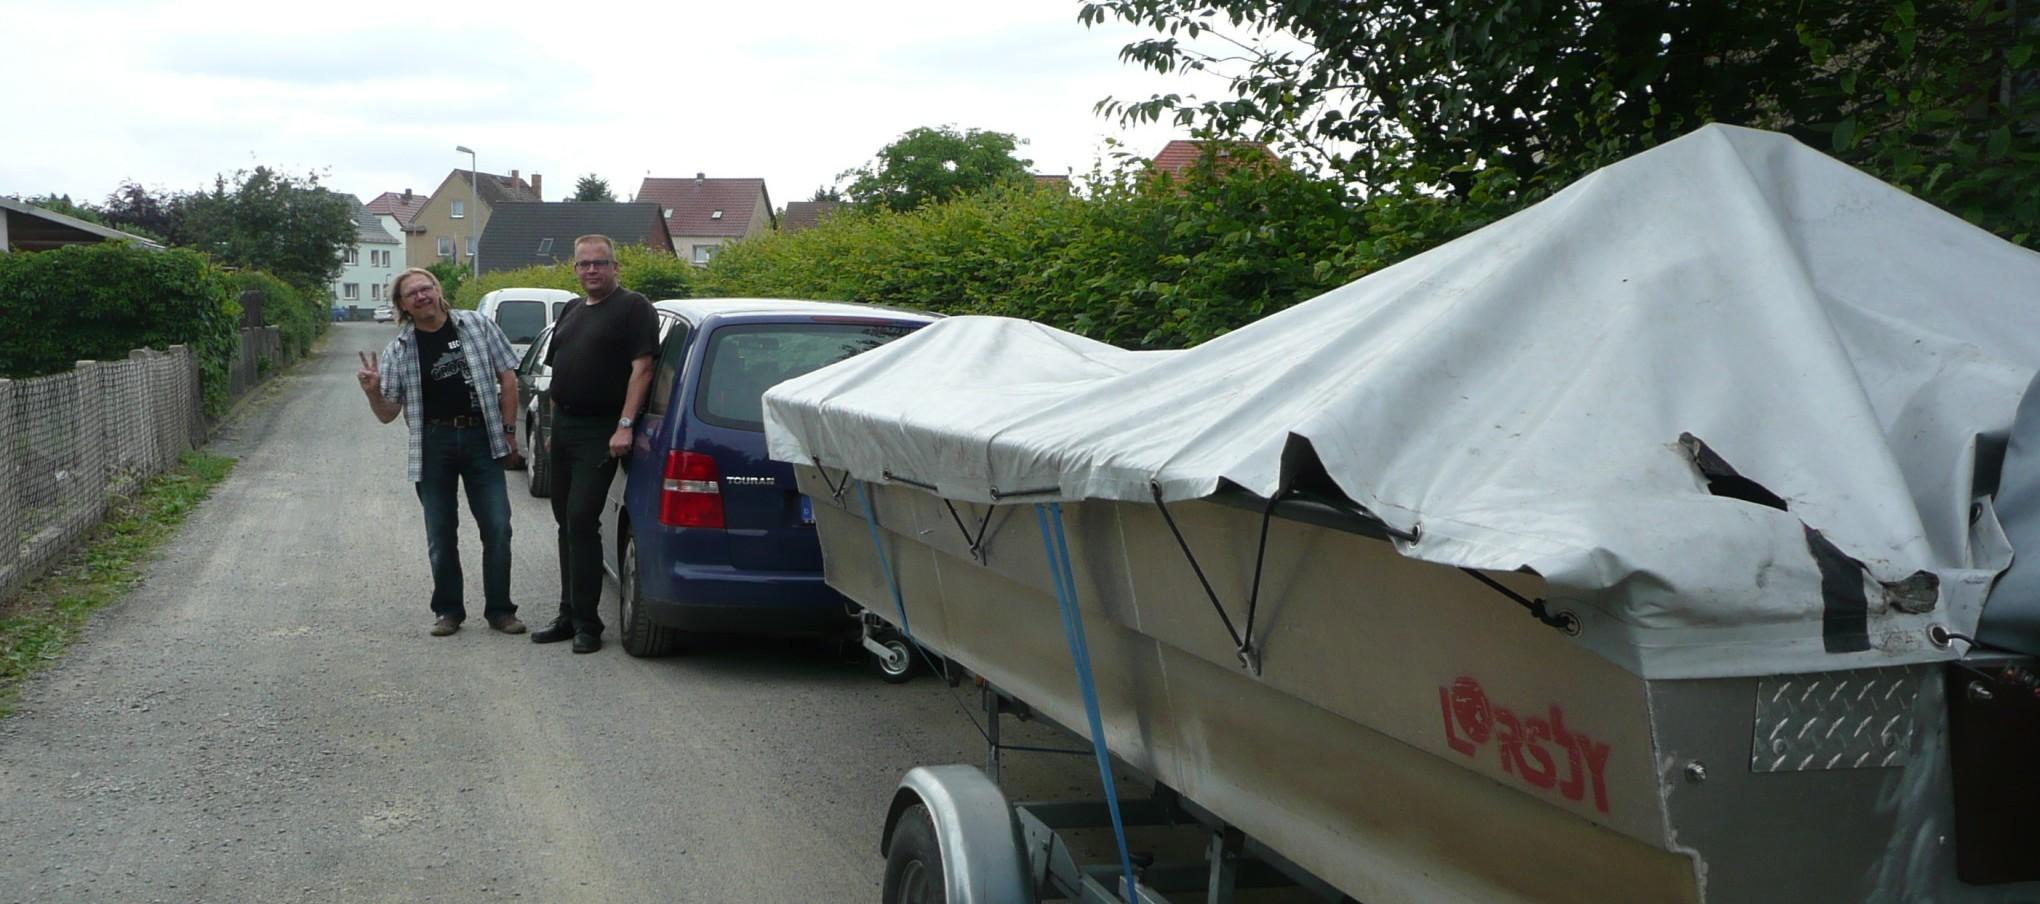 ÅSNEN-TROLLING 2012 Zander, Trollingboot